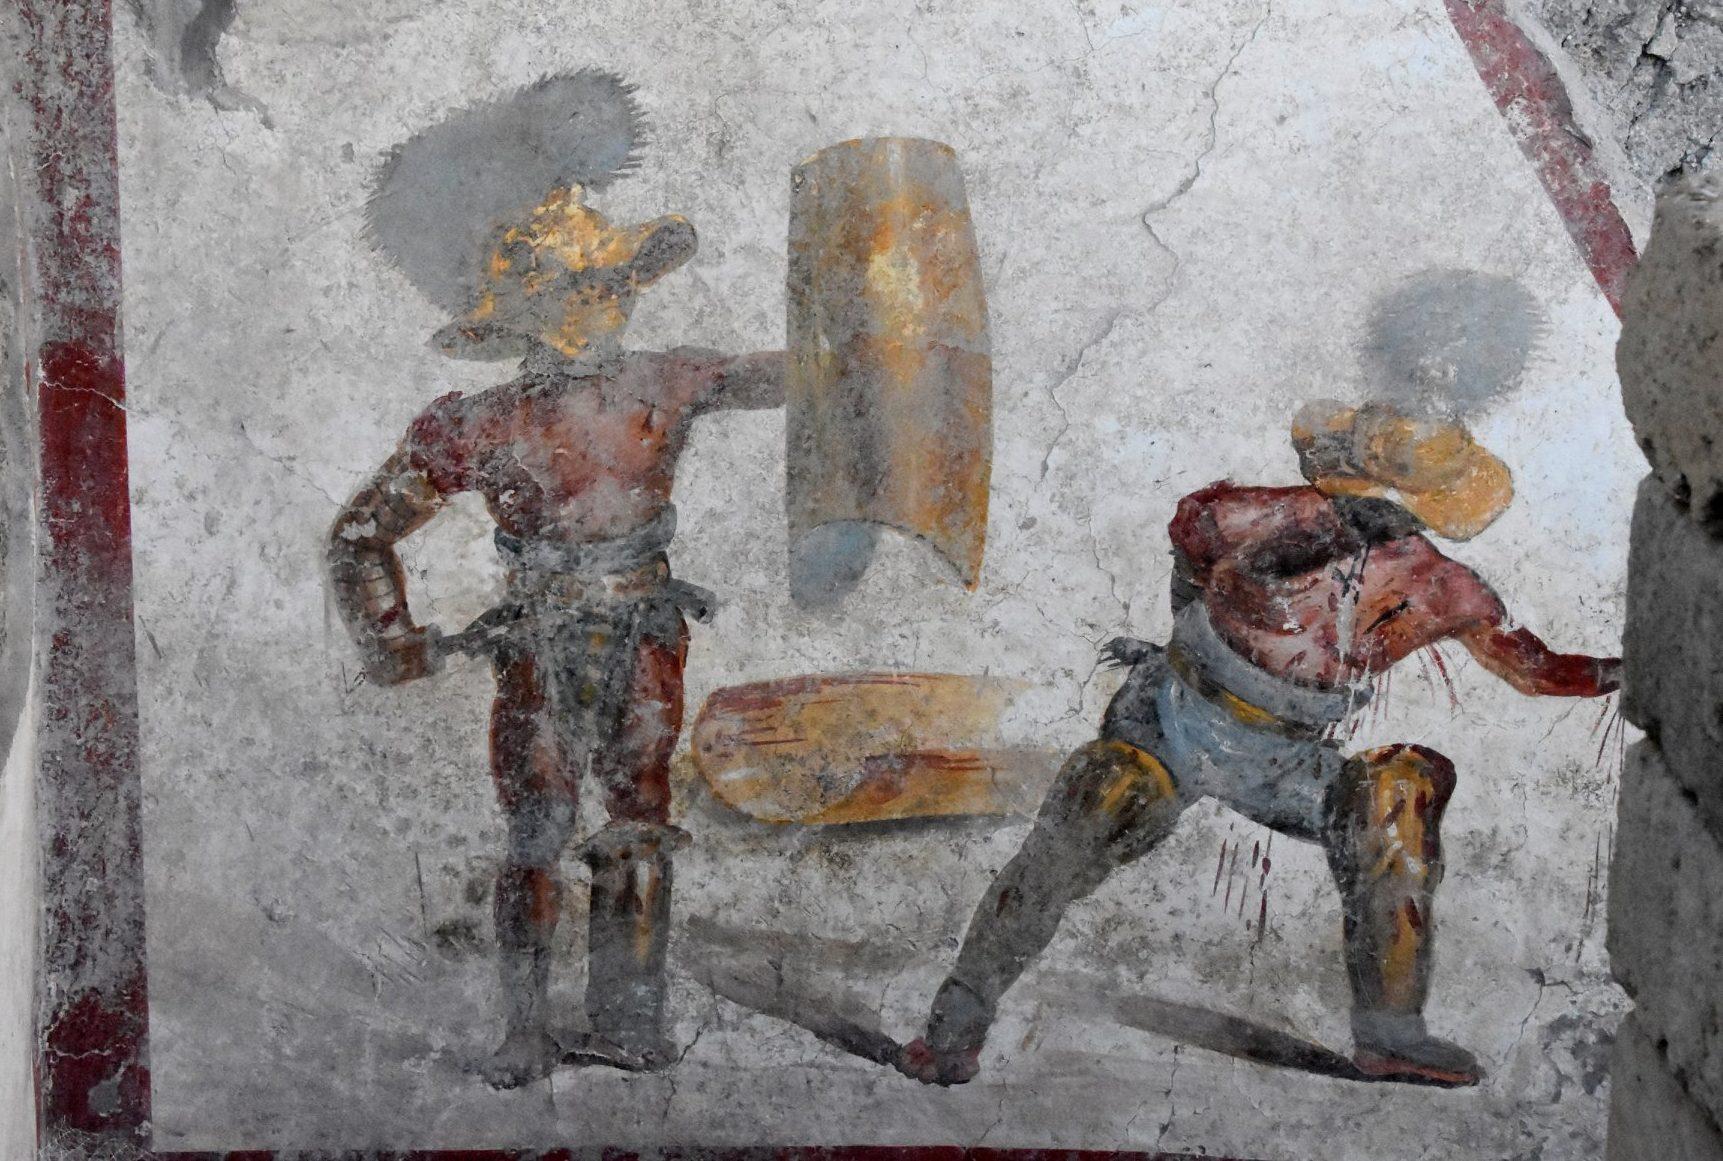 Gladiatori combattenti: un nuovo magnifico affresco scoperto a Pompei